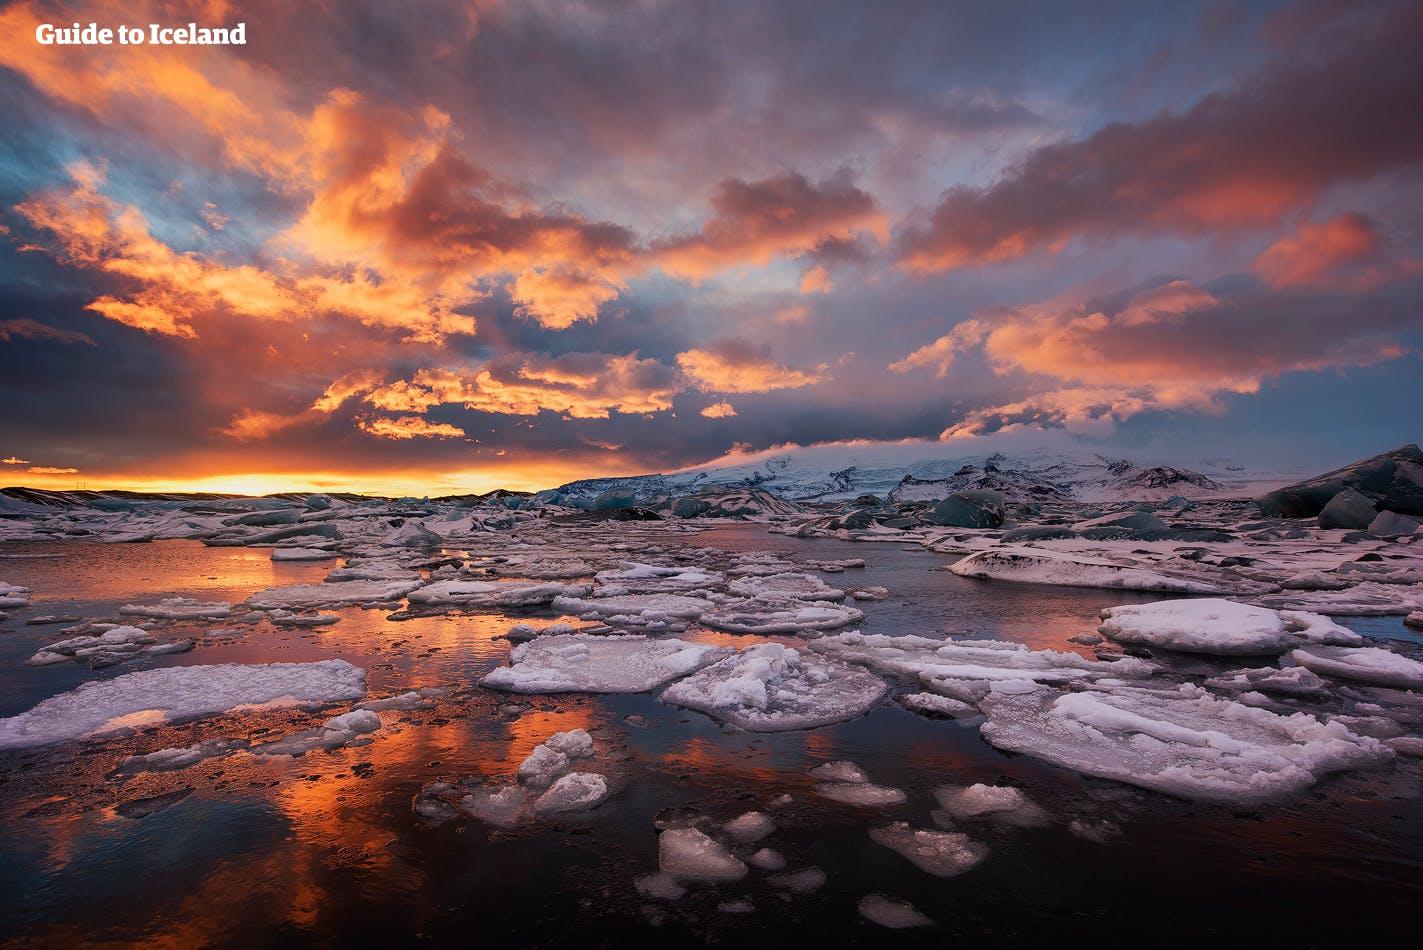 Czerwone niebo w trakcie białych nocy na Islandii, nad laguną lodowcową Jokulsarlon.